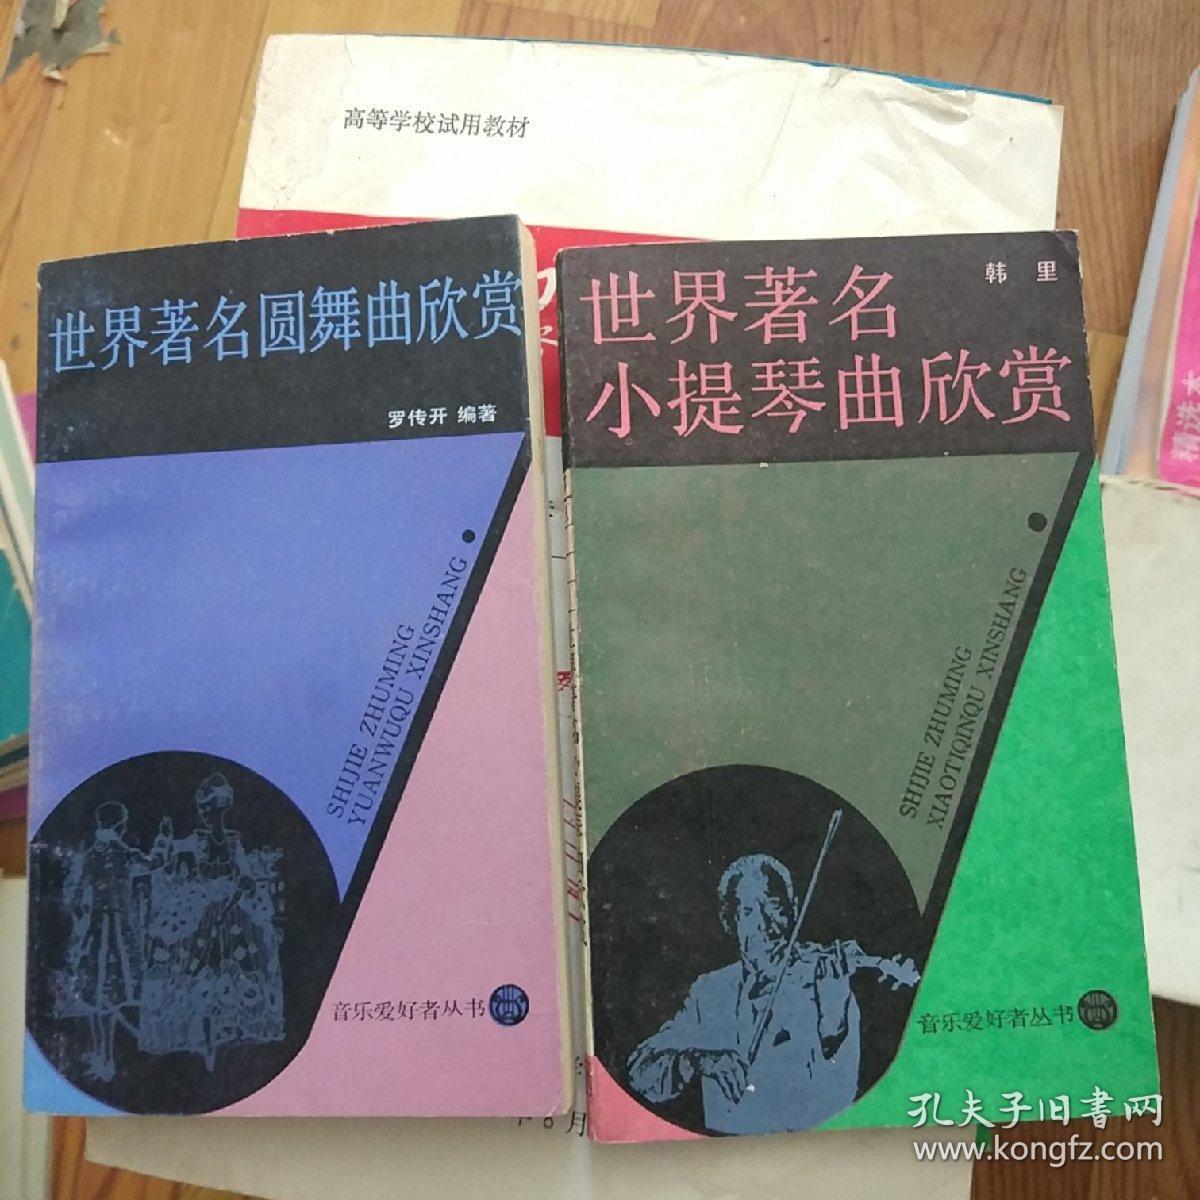 世界著名小提琴曲欣赏 世界著名圆舞曲欣赏 2本合售 罗传开 韩里